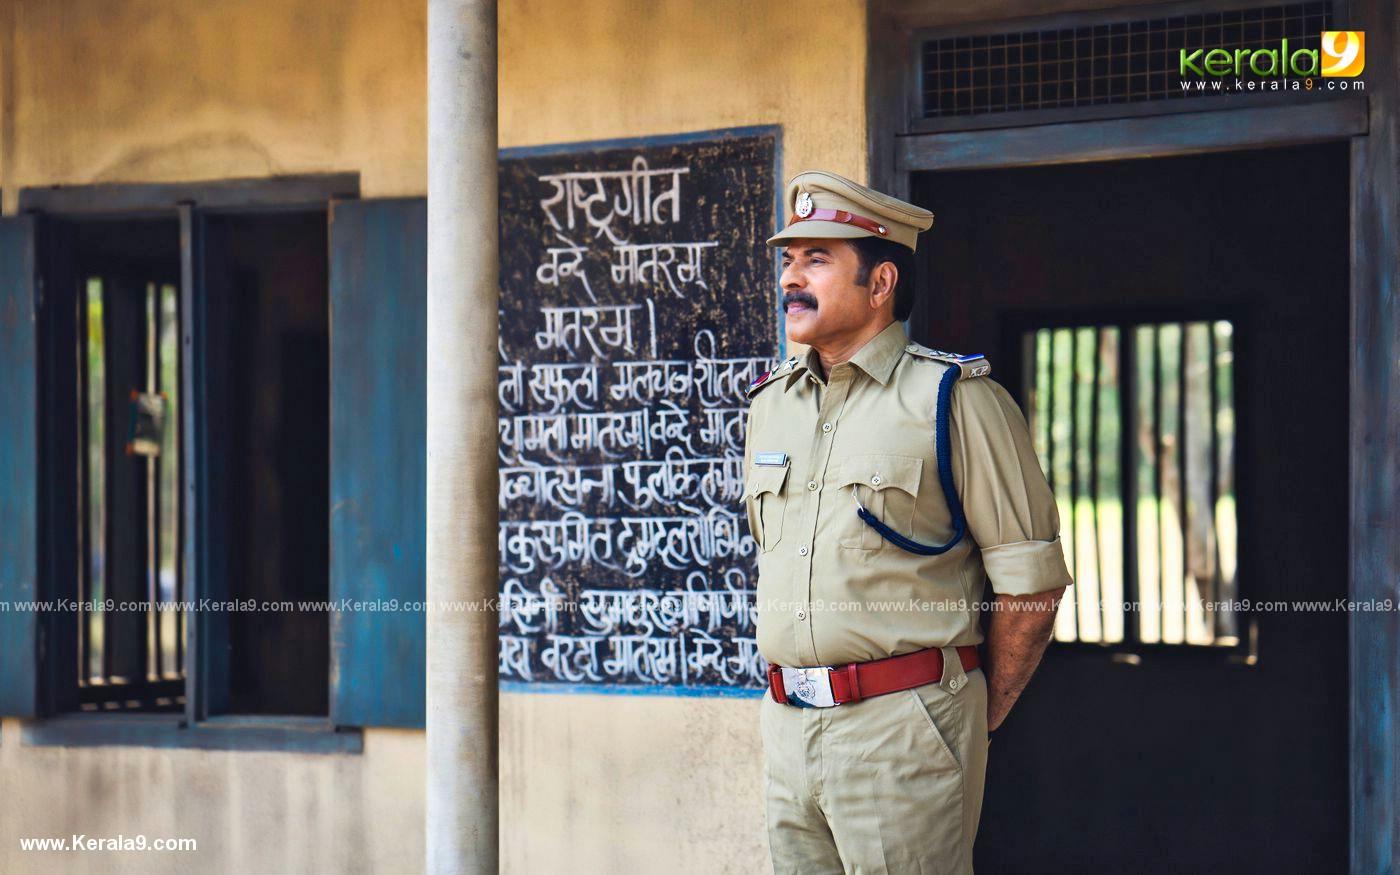 unda malayalam movie stills 001 - Kerala9.com